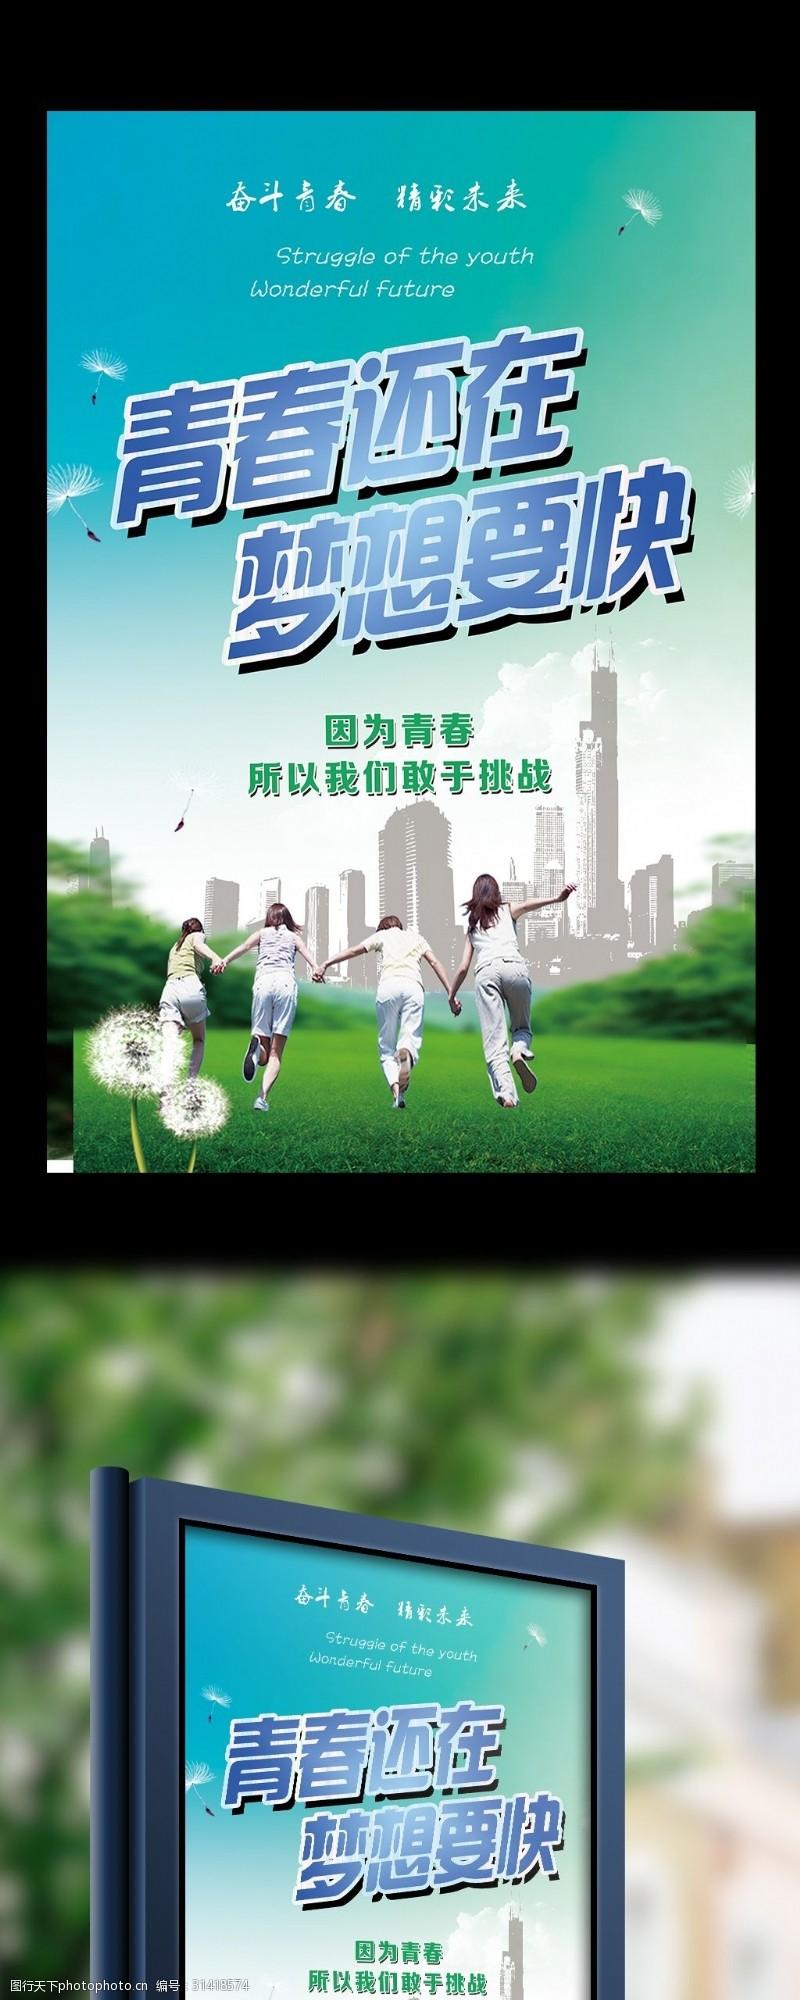 青春任性2017青春梦想海报设计